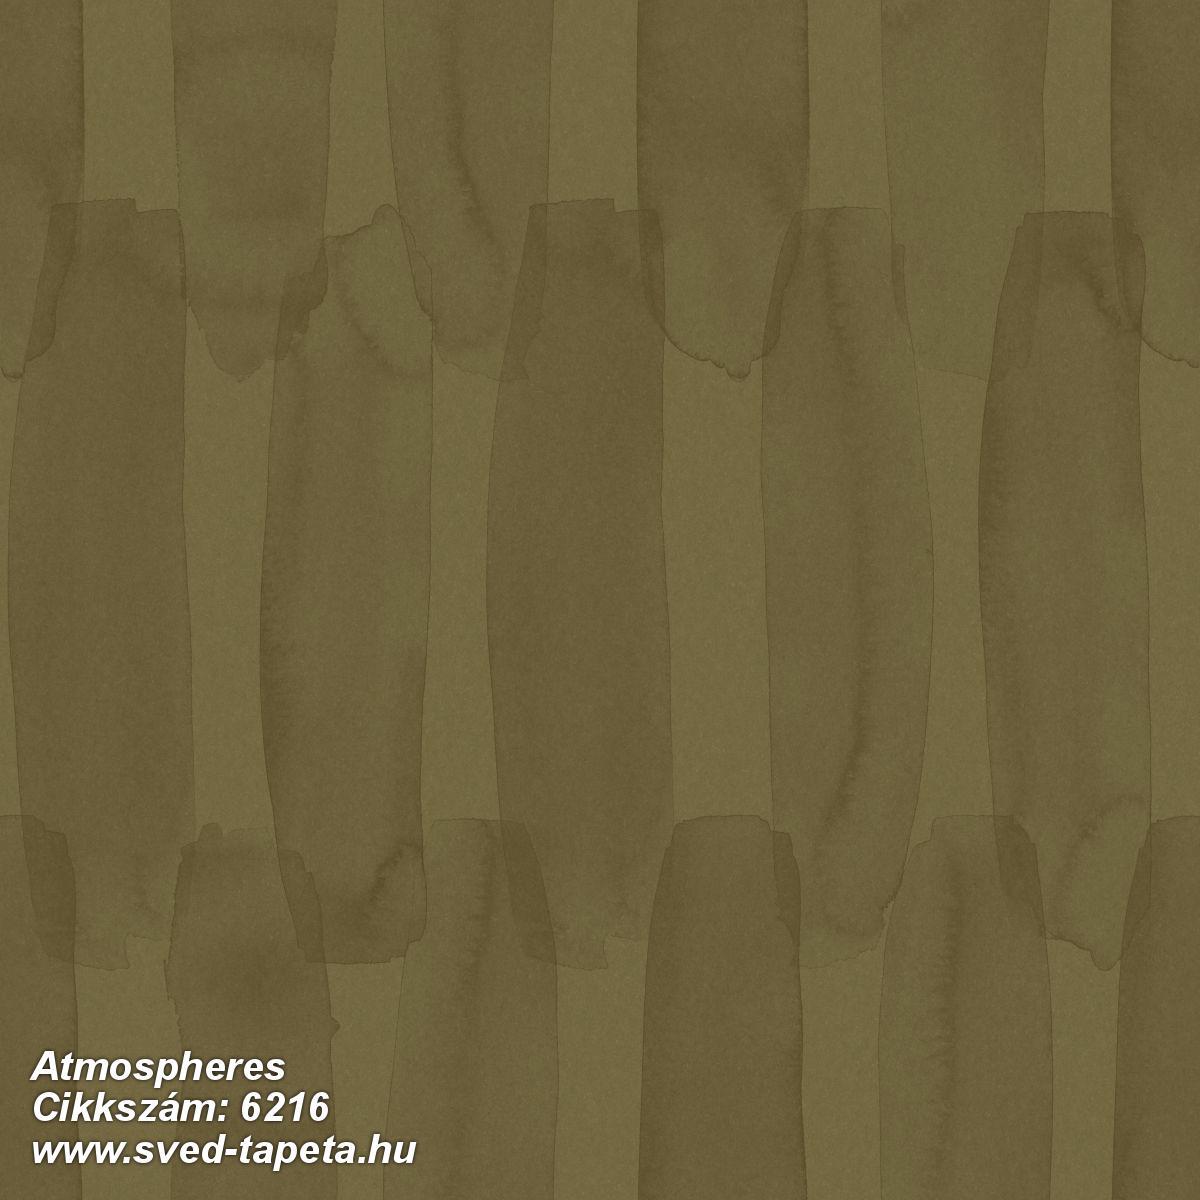 Atmospheres 6216 cikkszámú svéd ECOgyártmányú designtapéta